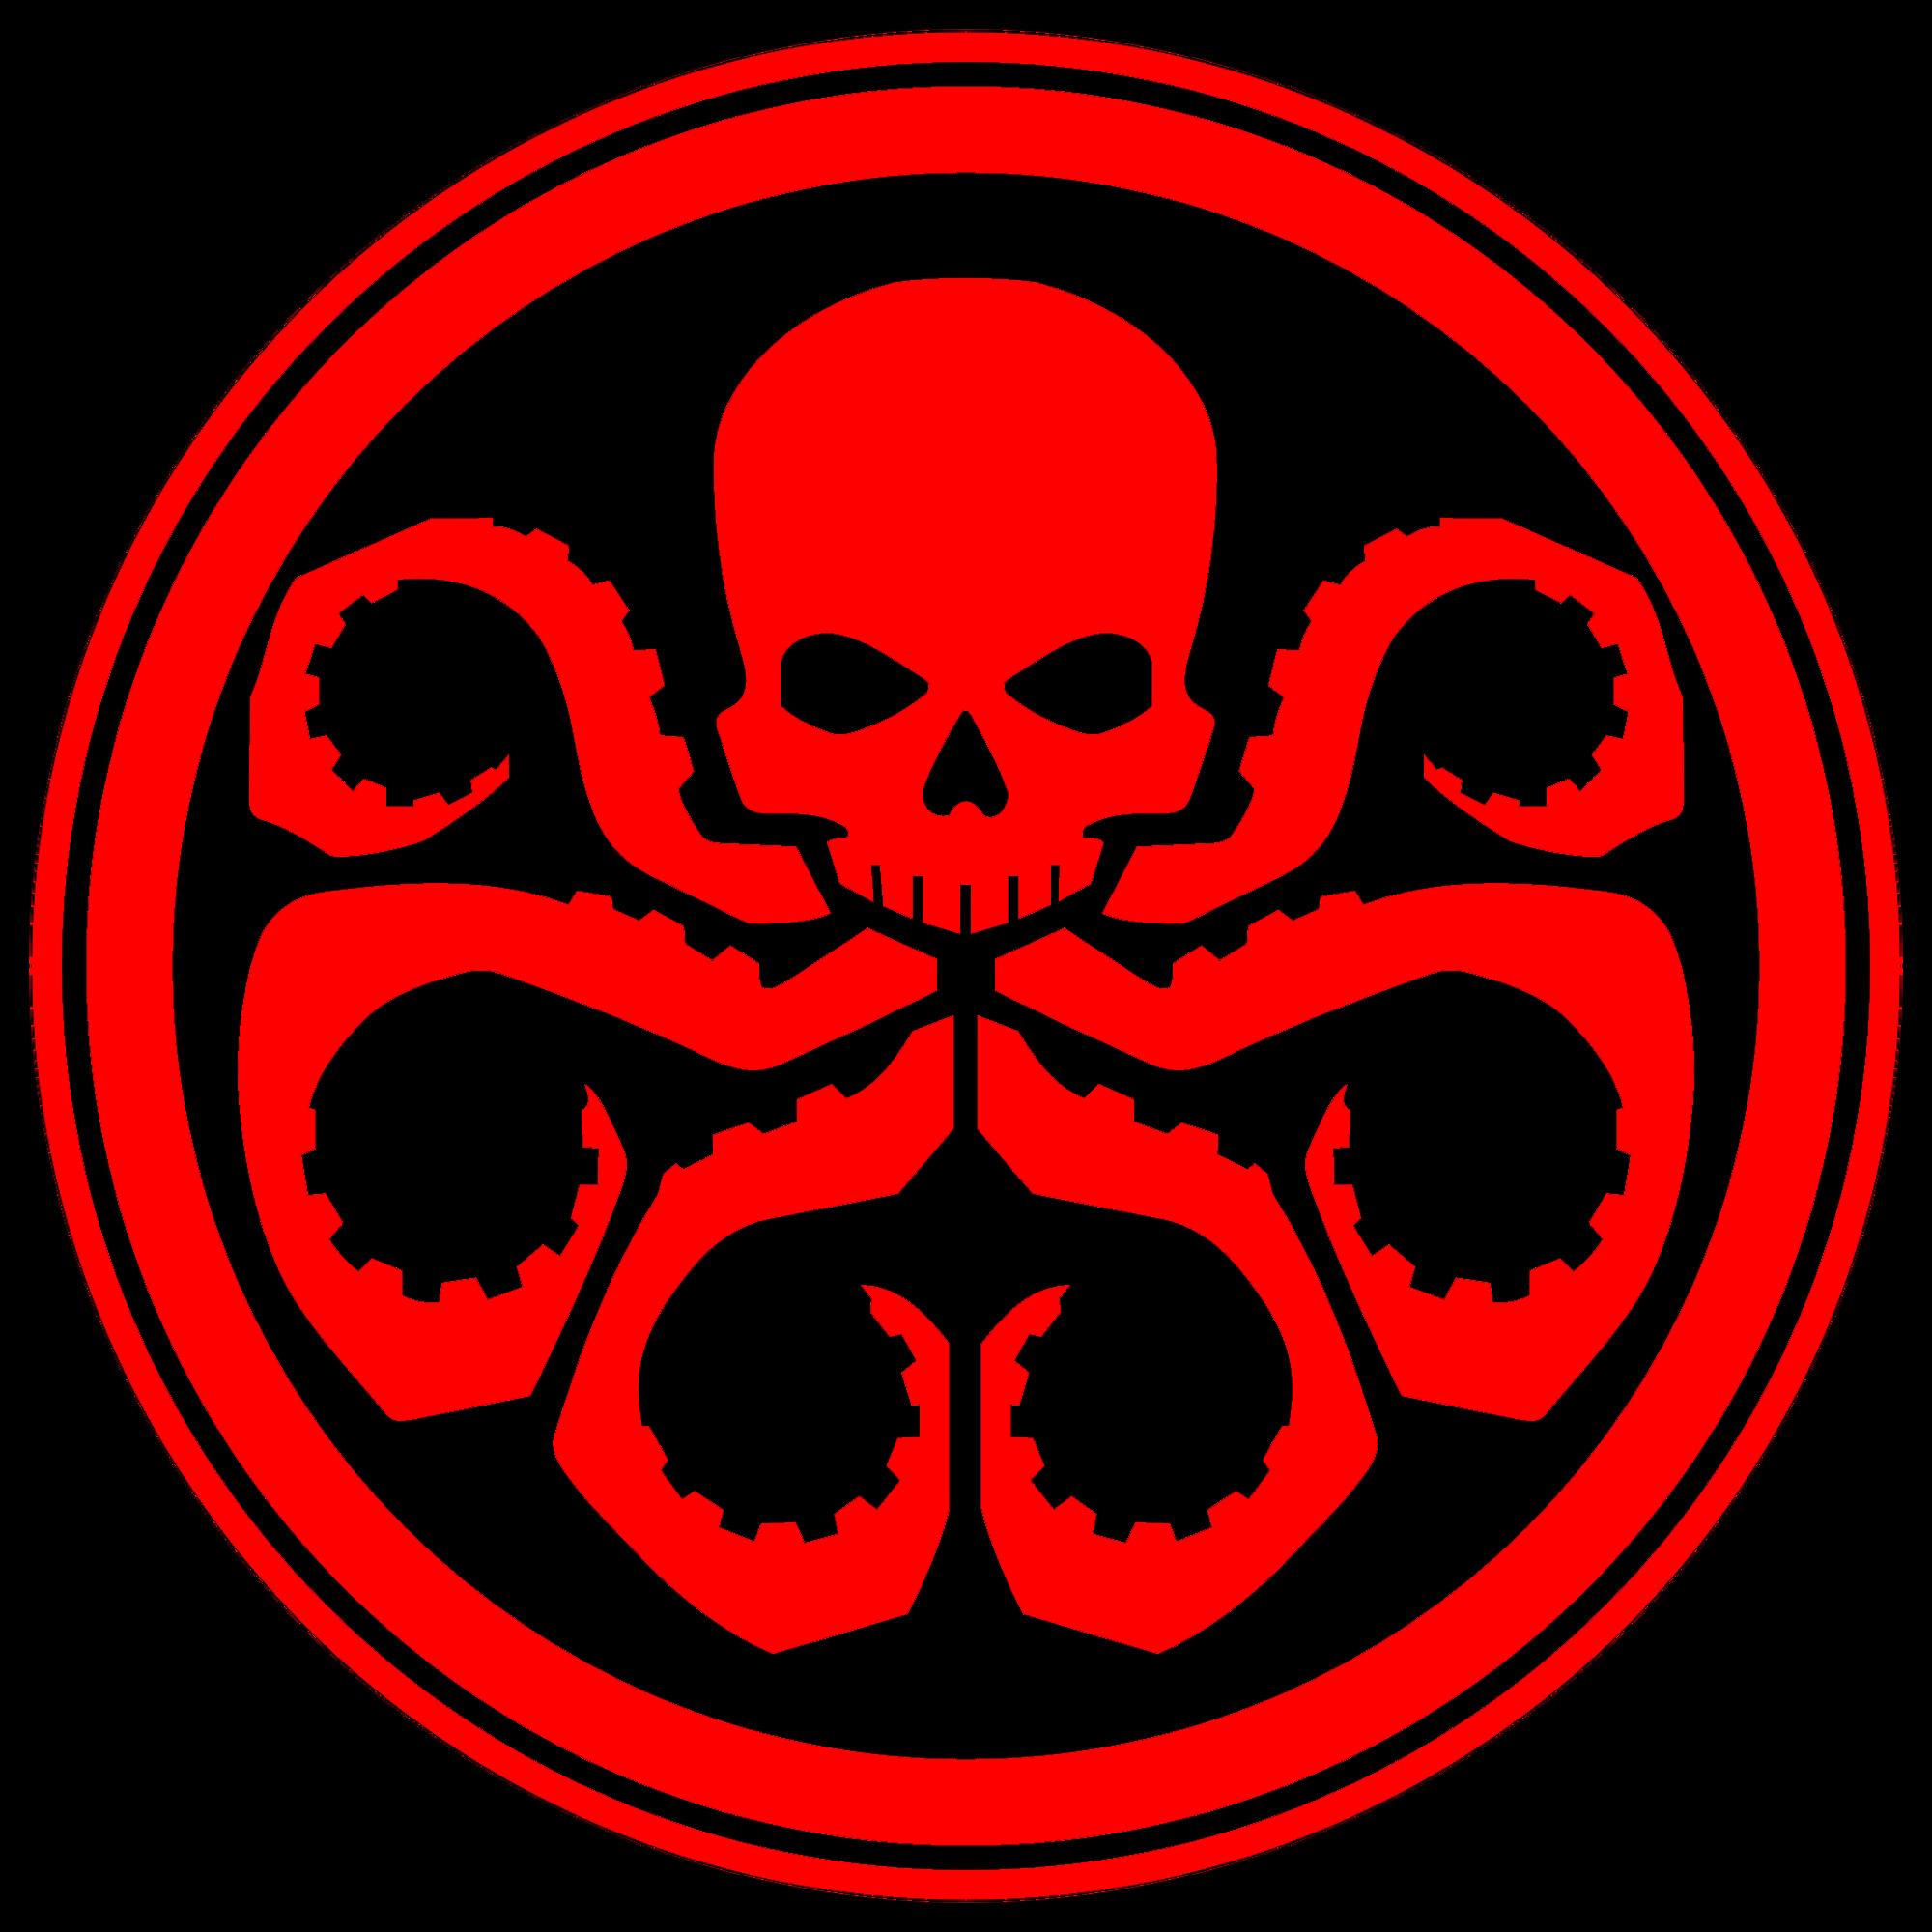 Hydra marvel cinematic universe wiki fandom powered by wikia biocorpaavc